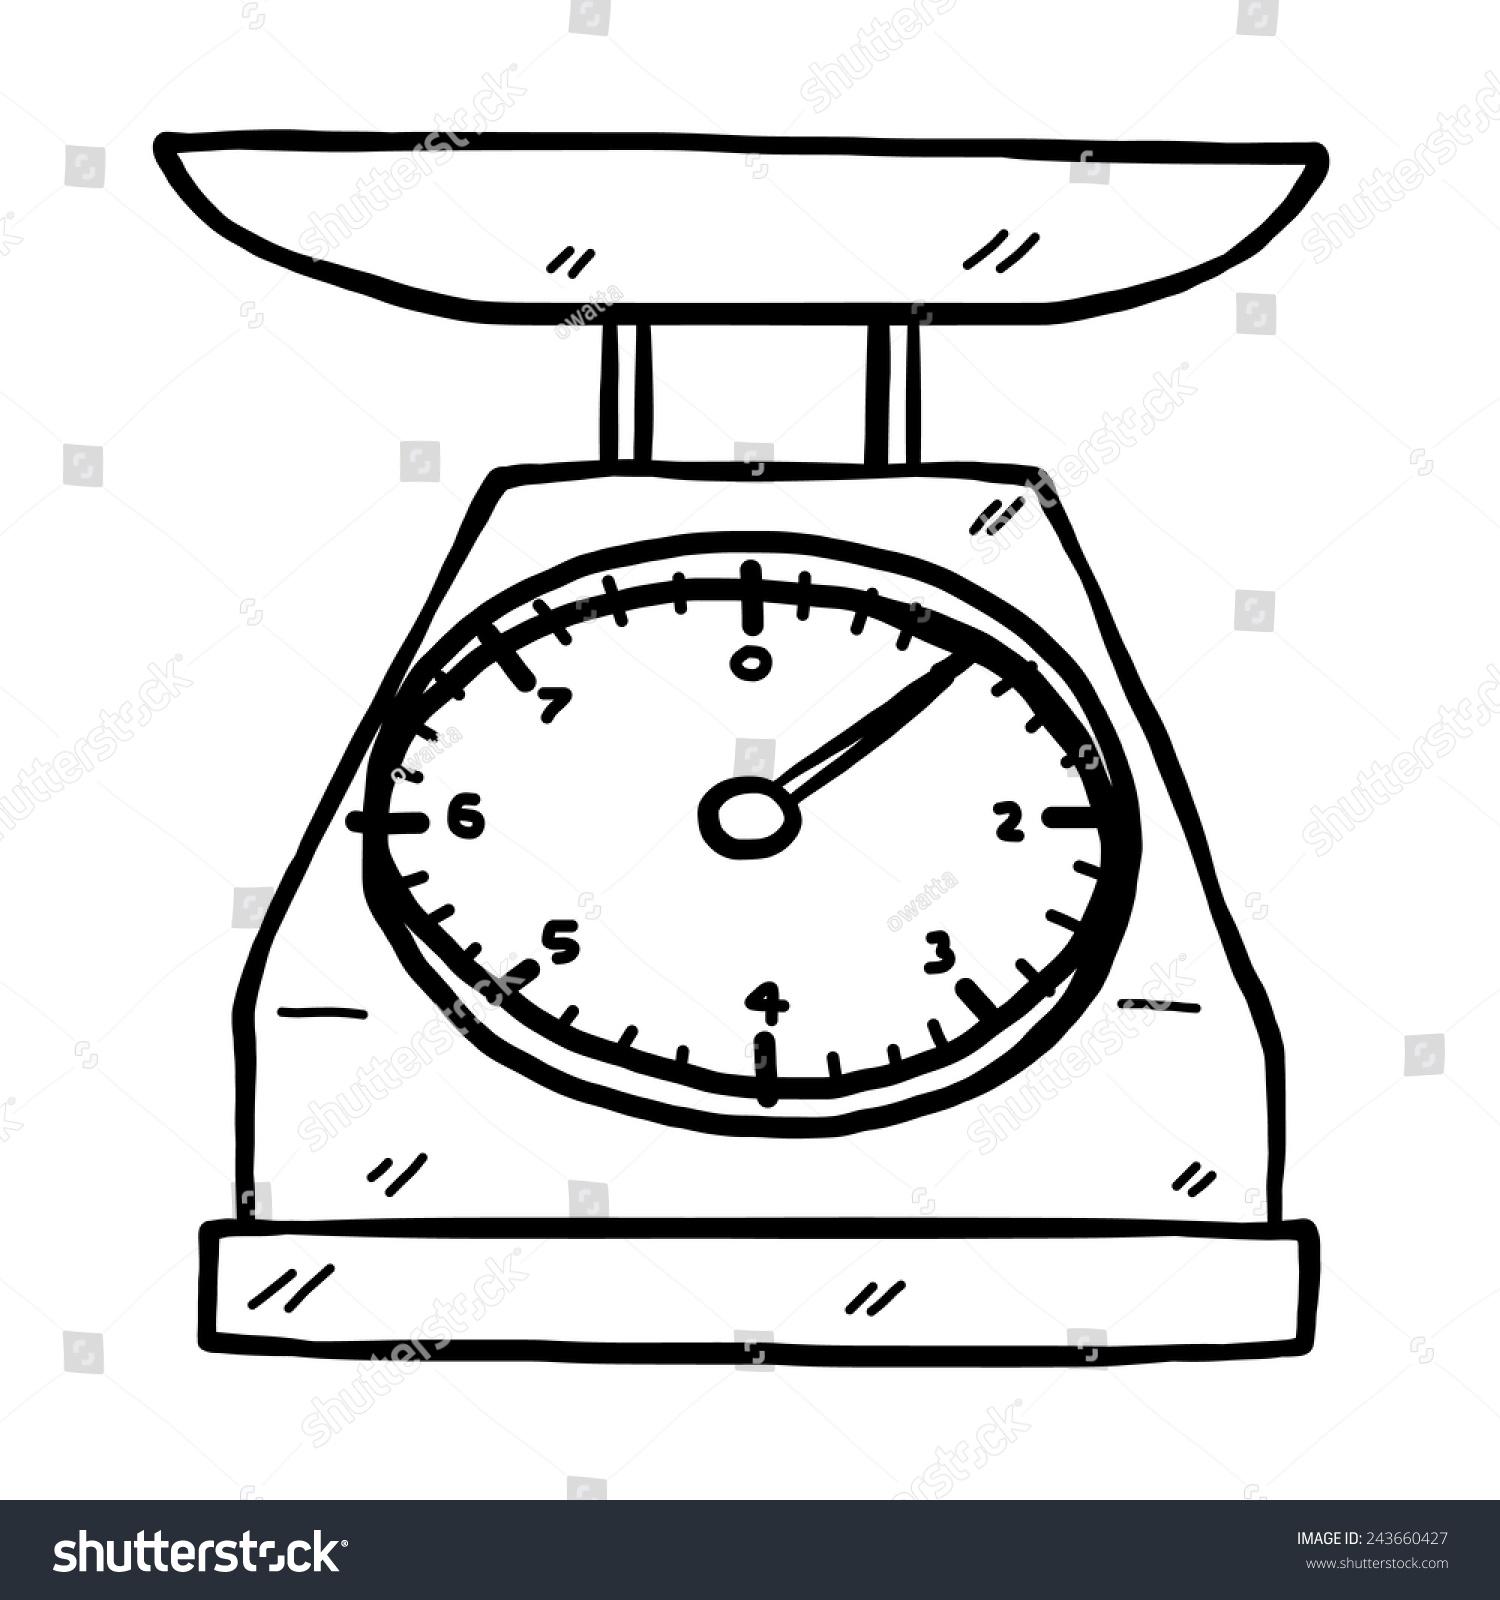 Old Kitchen Scales Cartoon Vector Illustration Stock